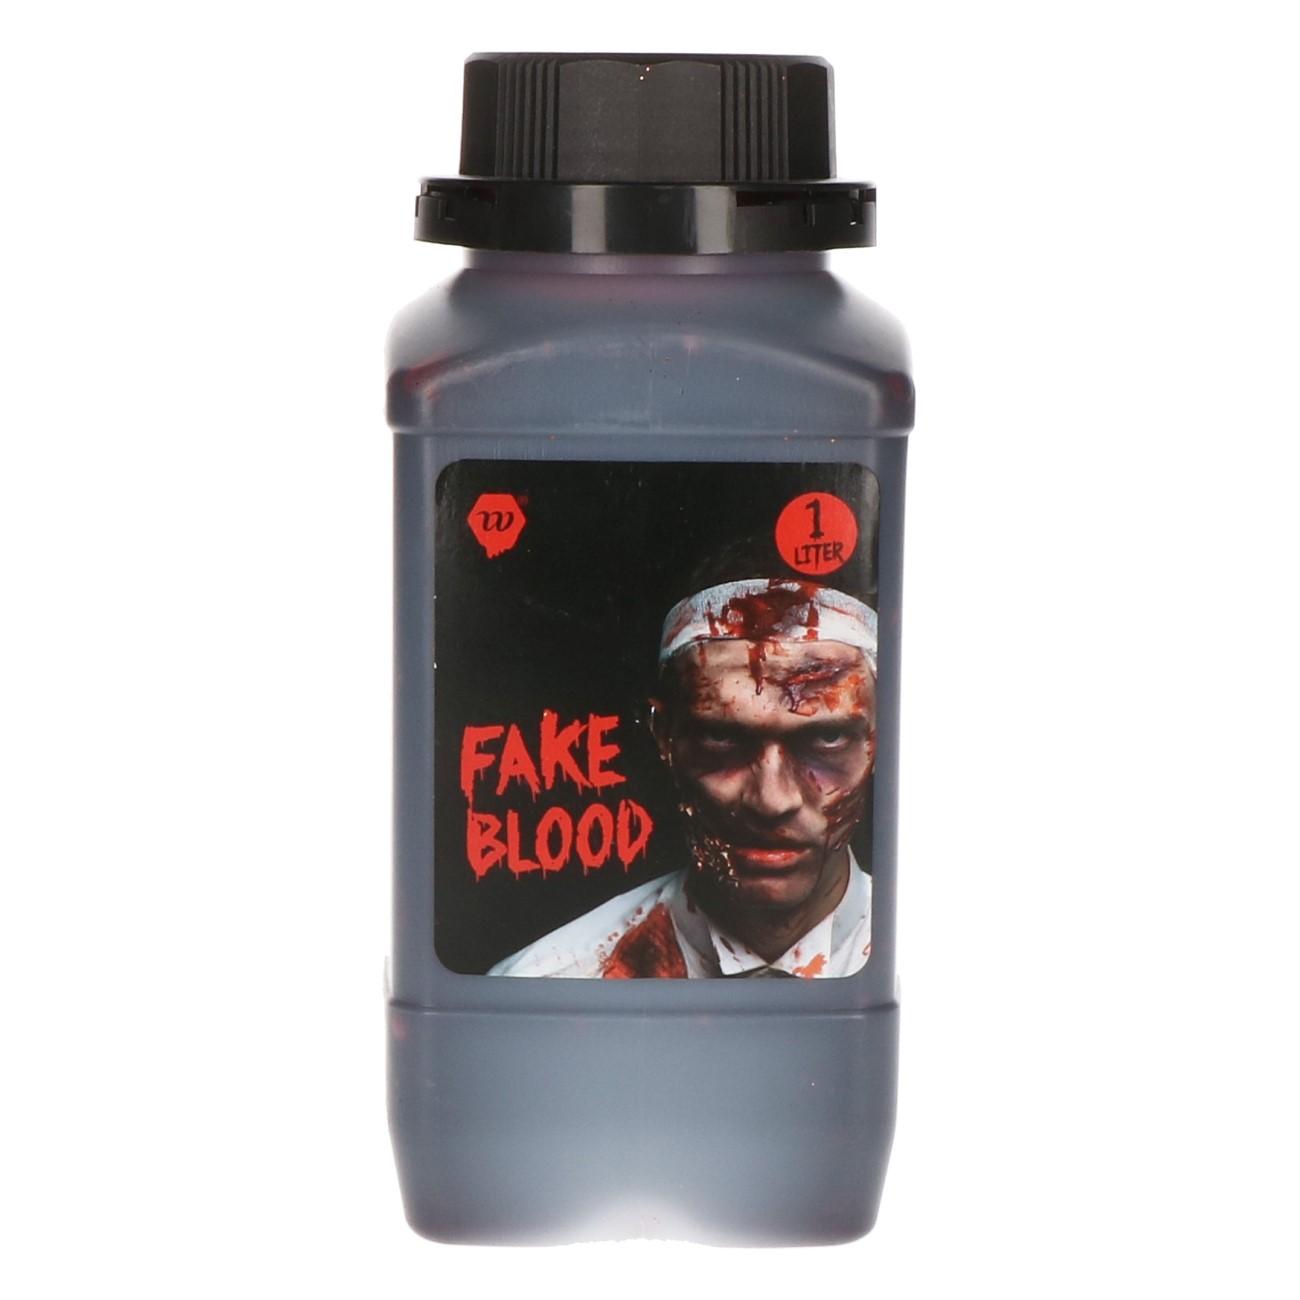 Fake bloed 1 liter